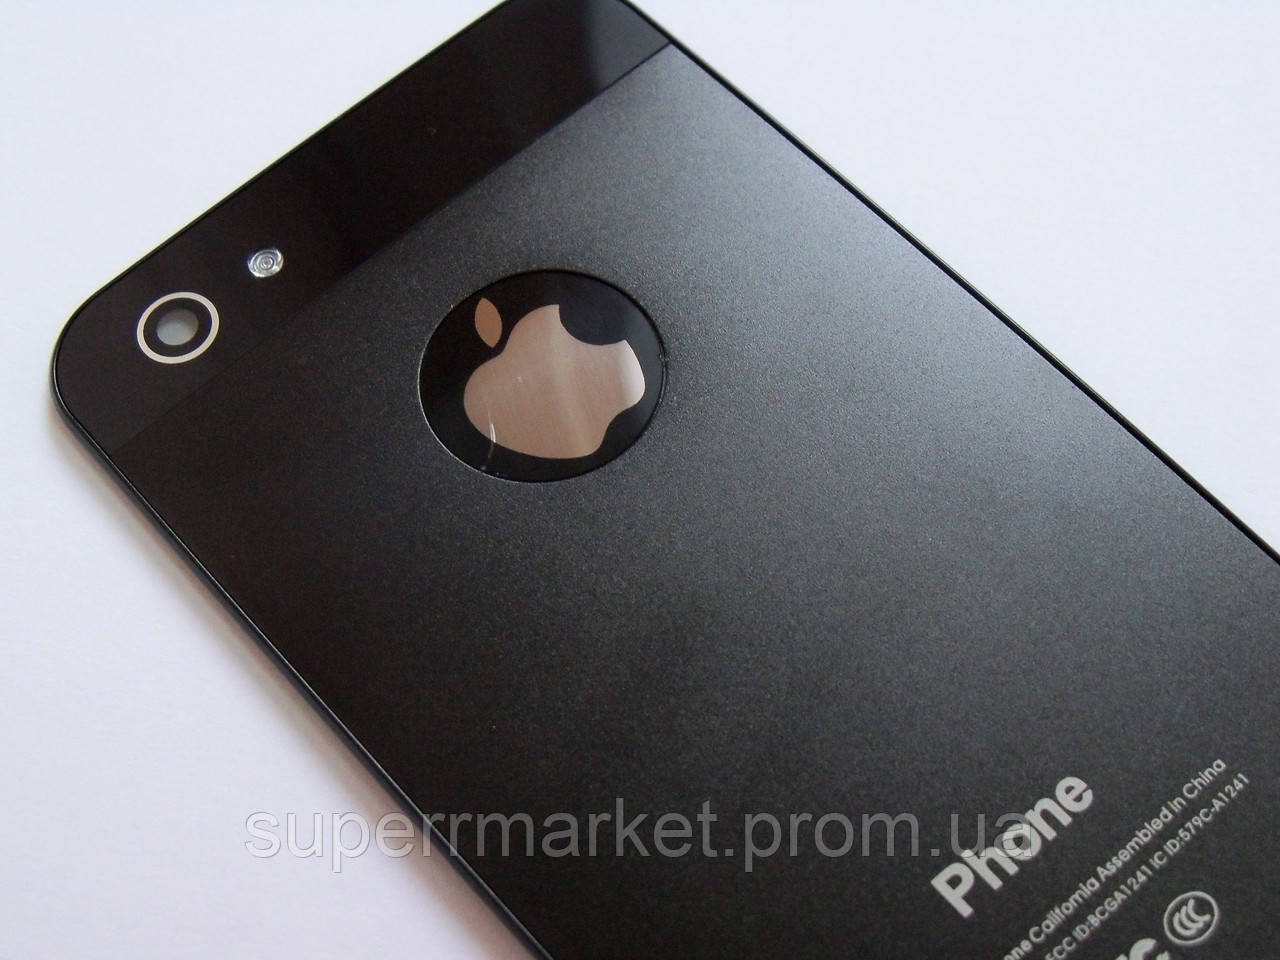 Задняя крышка к китайскому телефону v5 в стиле 5 5s  копии iPhone 5 5S 5C